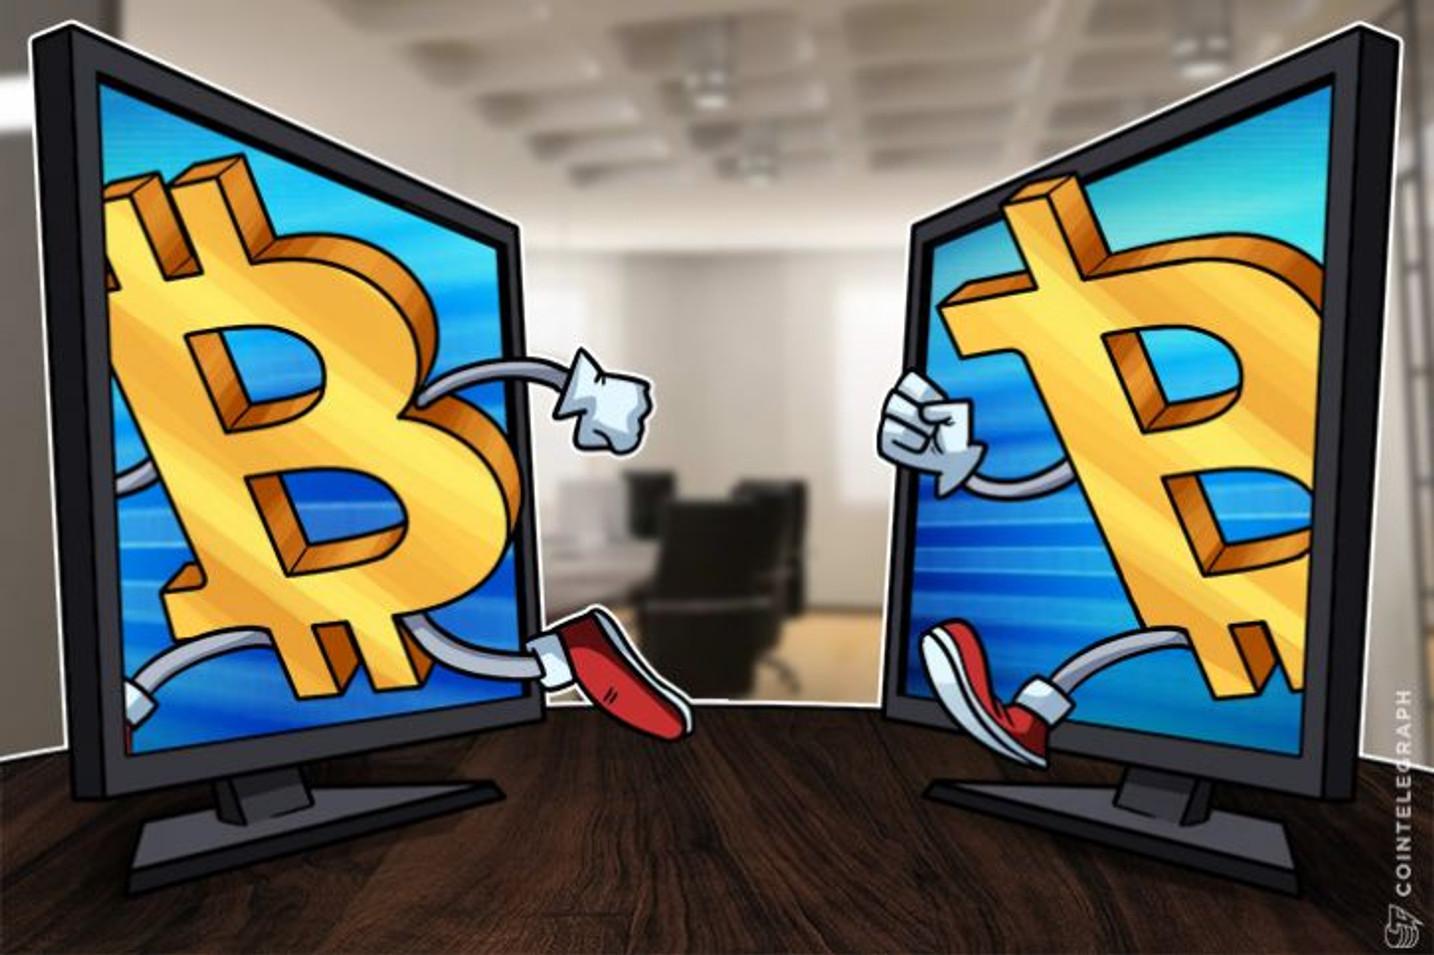 Kako troškovi transakcija za bitkoin održavaju decentralizaciju